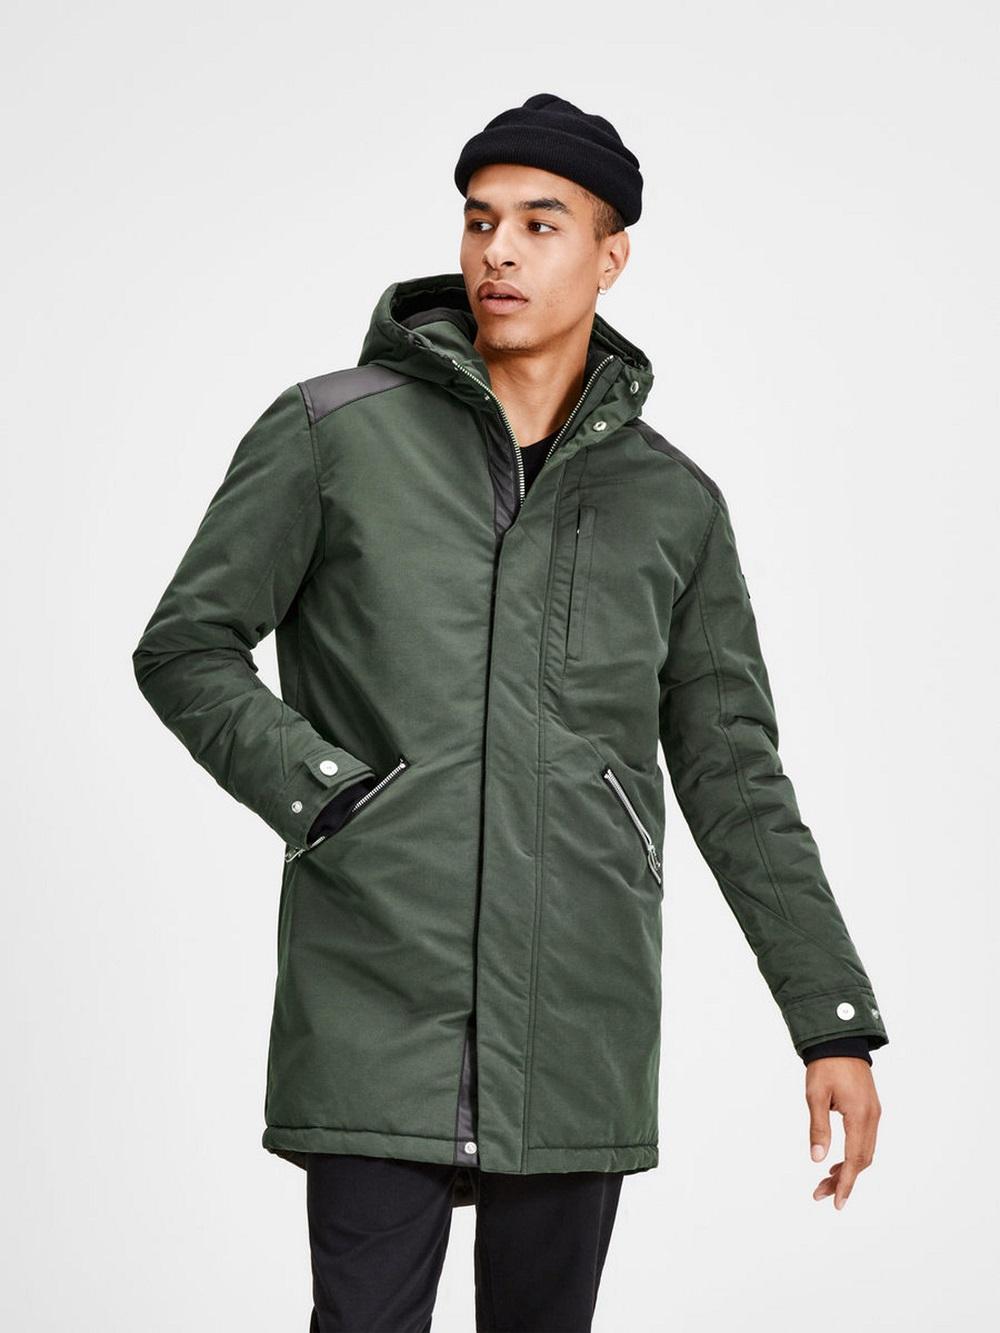 Manteau d'hiver solde montreal